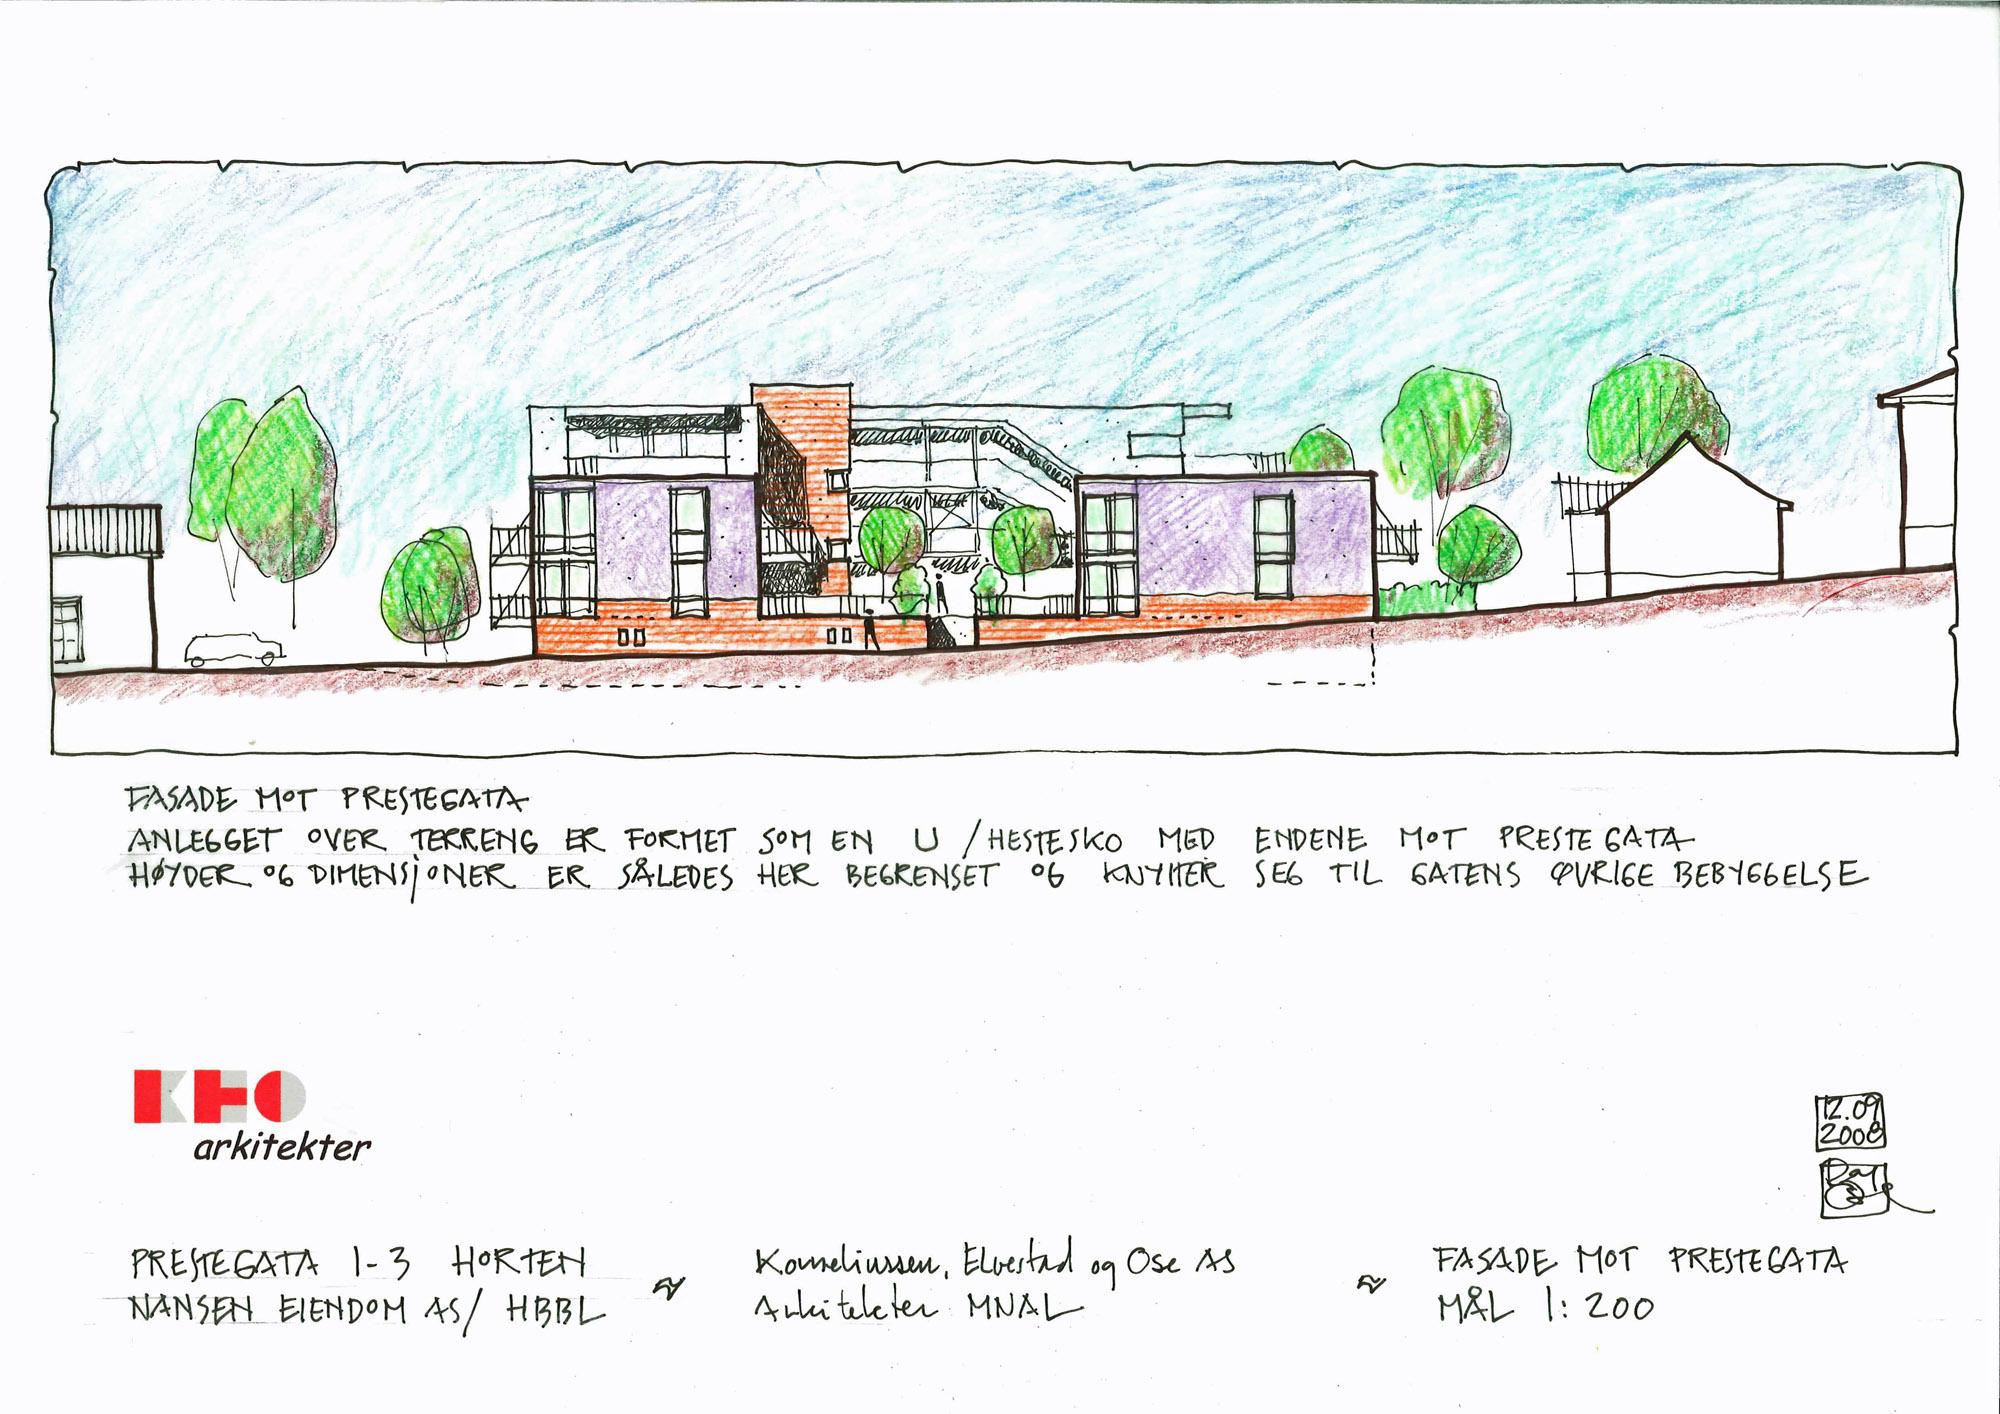 Prestegata 1-3 Fasader